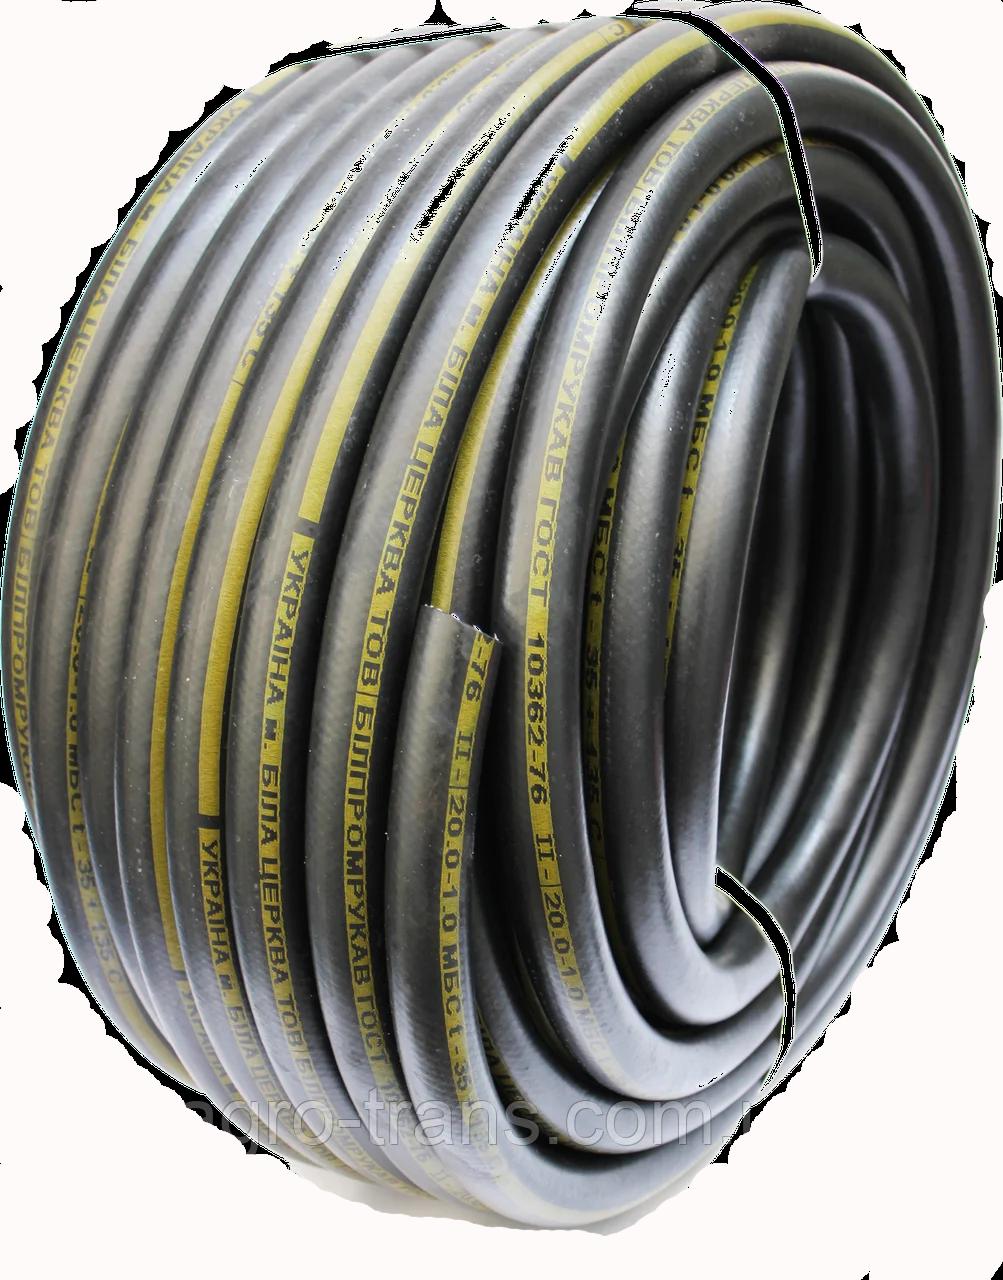 Шланг (рукав) напорный маслобензостойкий Ø 18мм диаметр.\ бухта 40м. армированный. Для бензина и масел